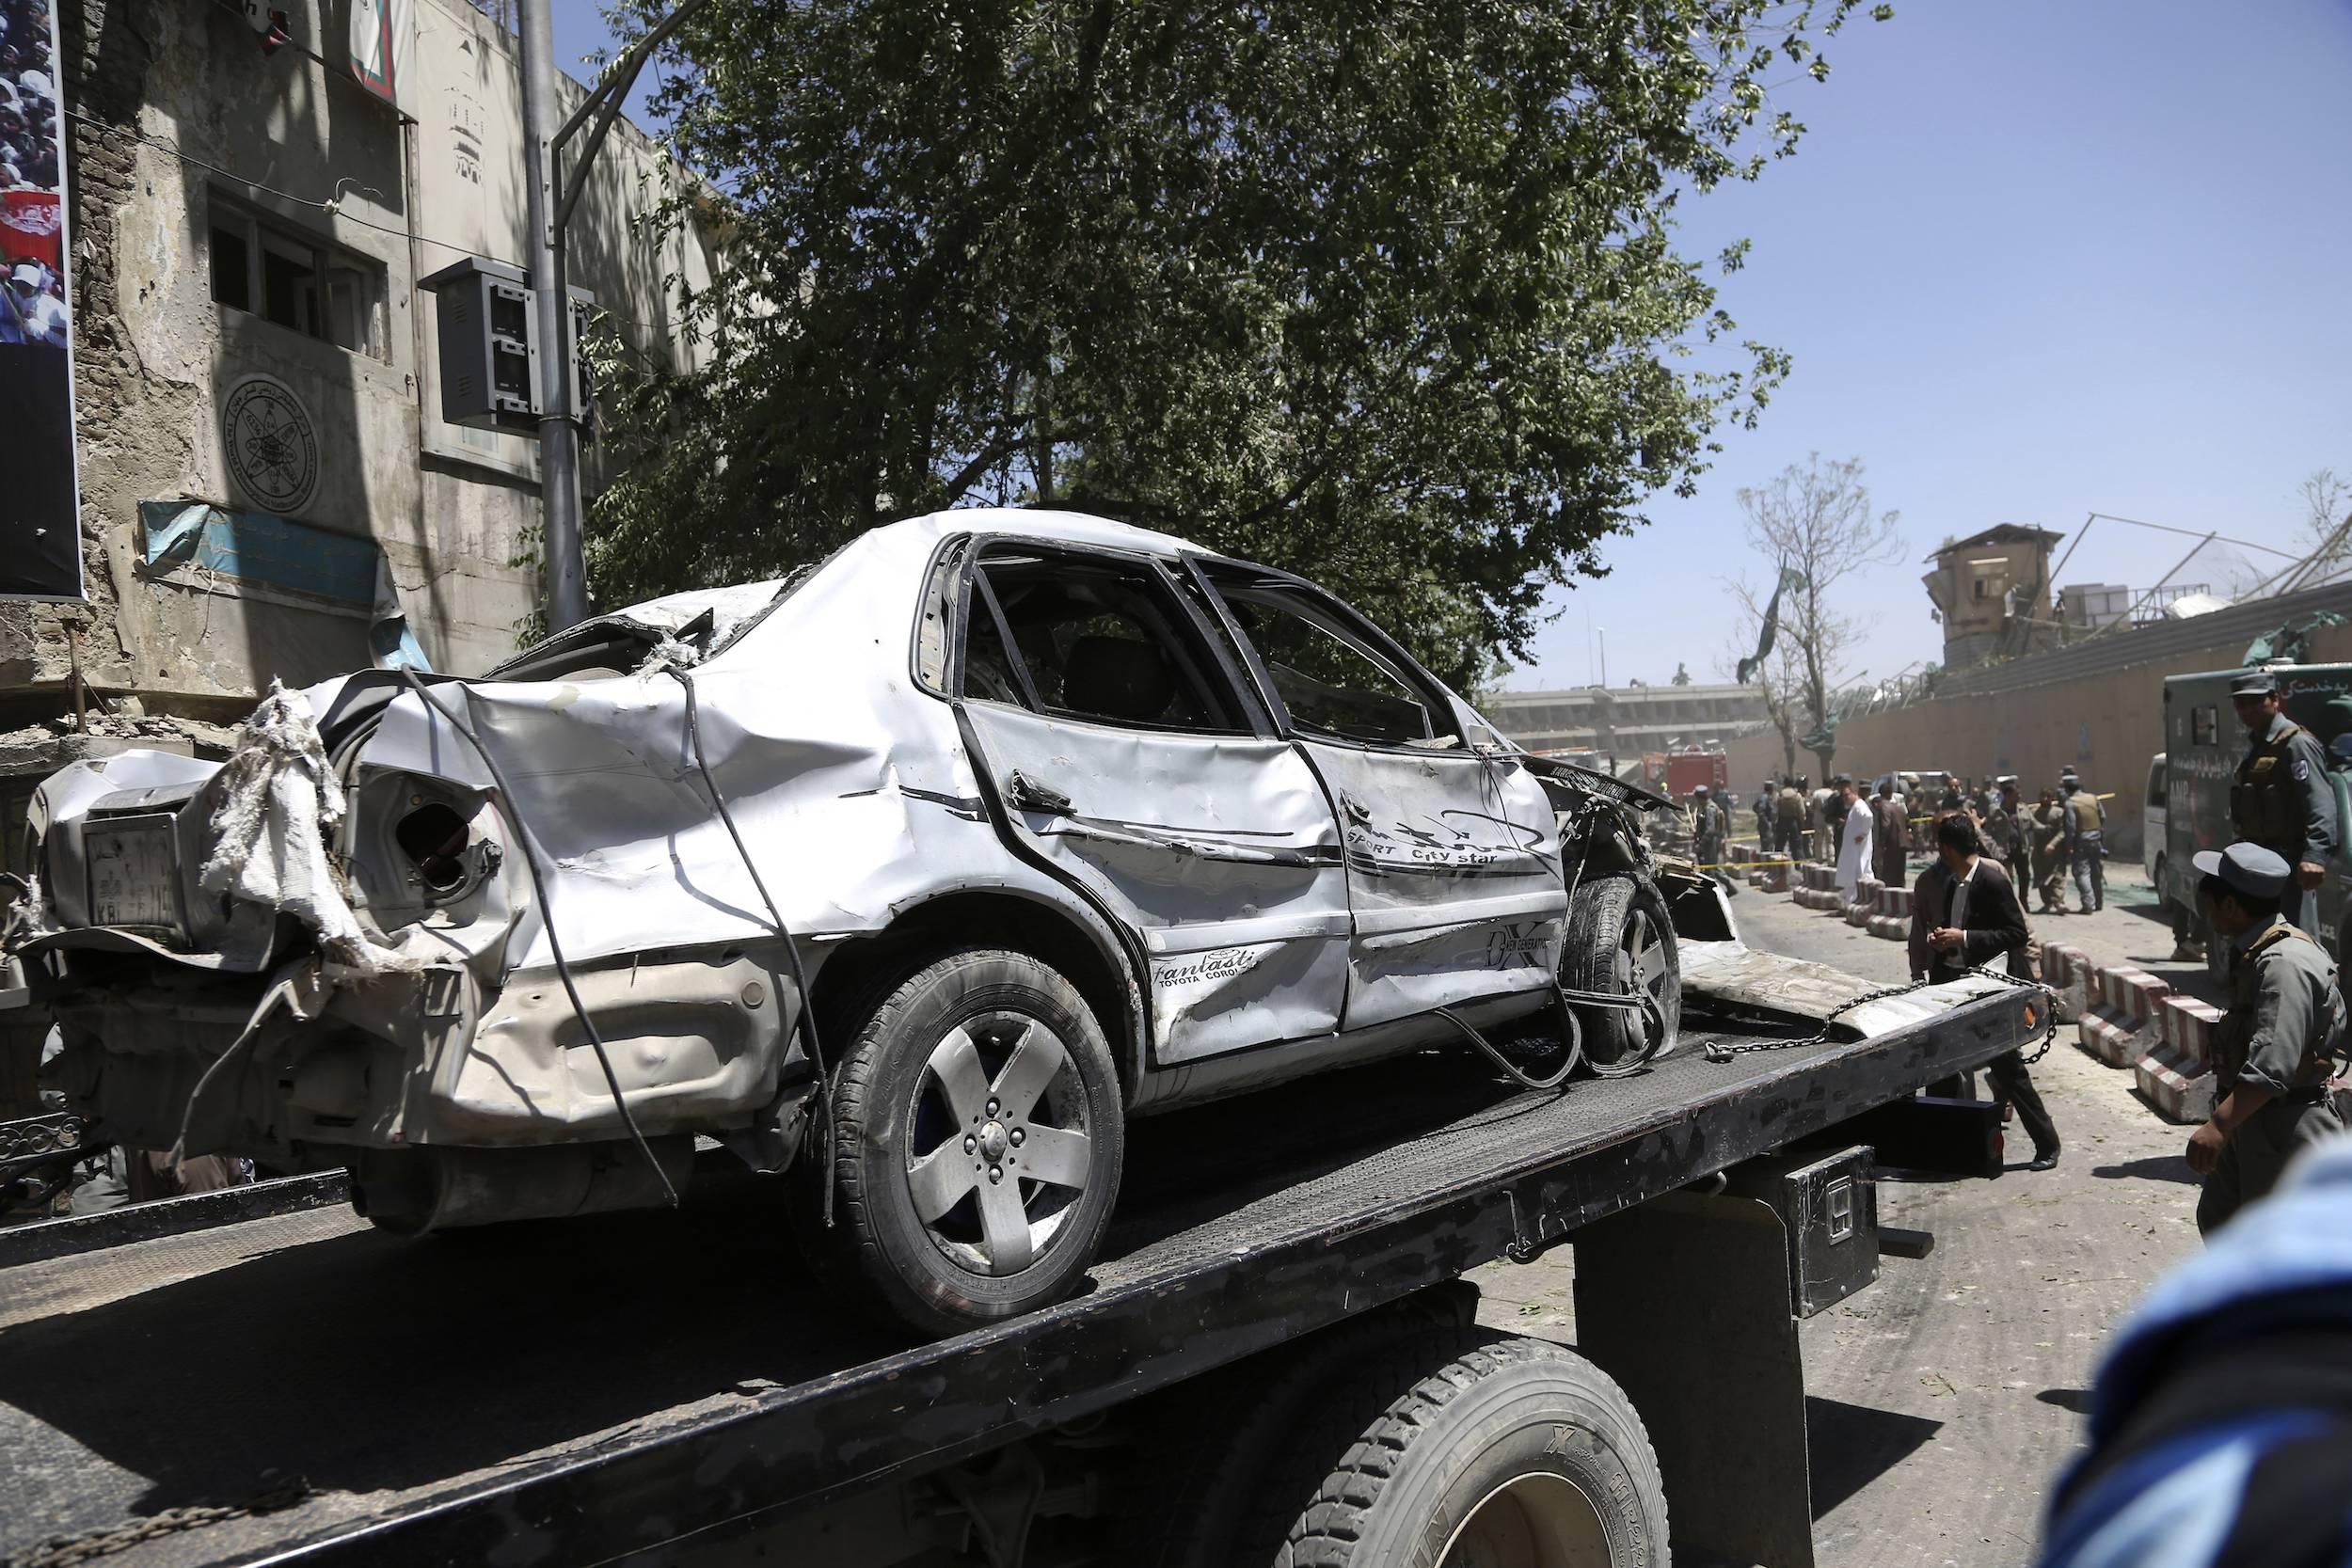 La explosión fue tan potente que más de 50 vehículos quedaron destrozados o dañados. / Foto: AP